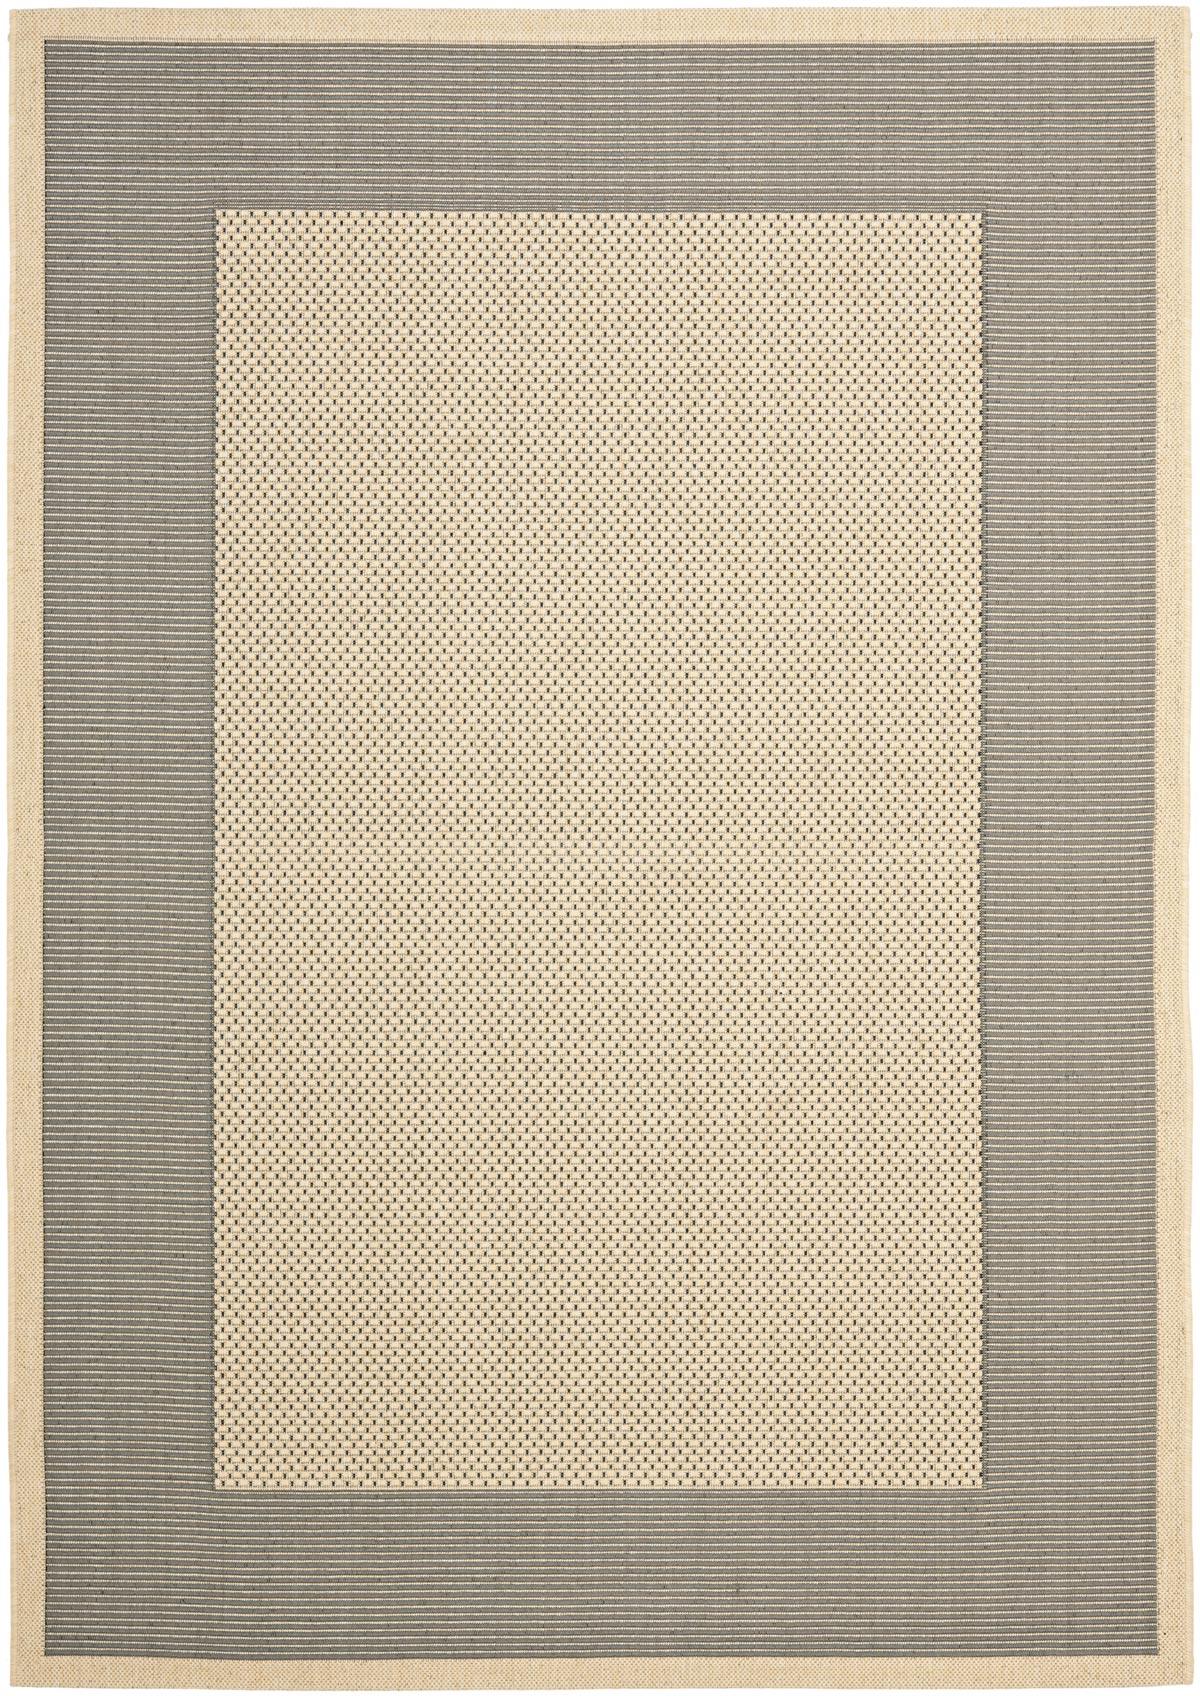 Grey & White Indoor Outdoor Rug - Safavieh.com